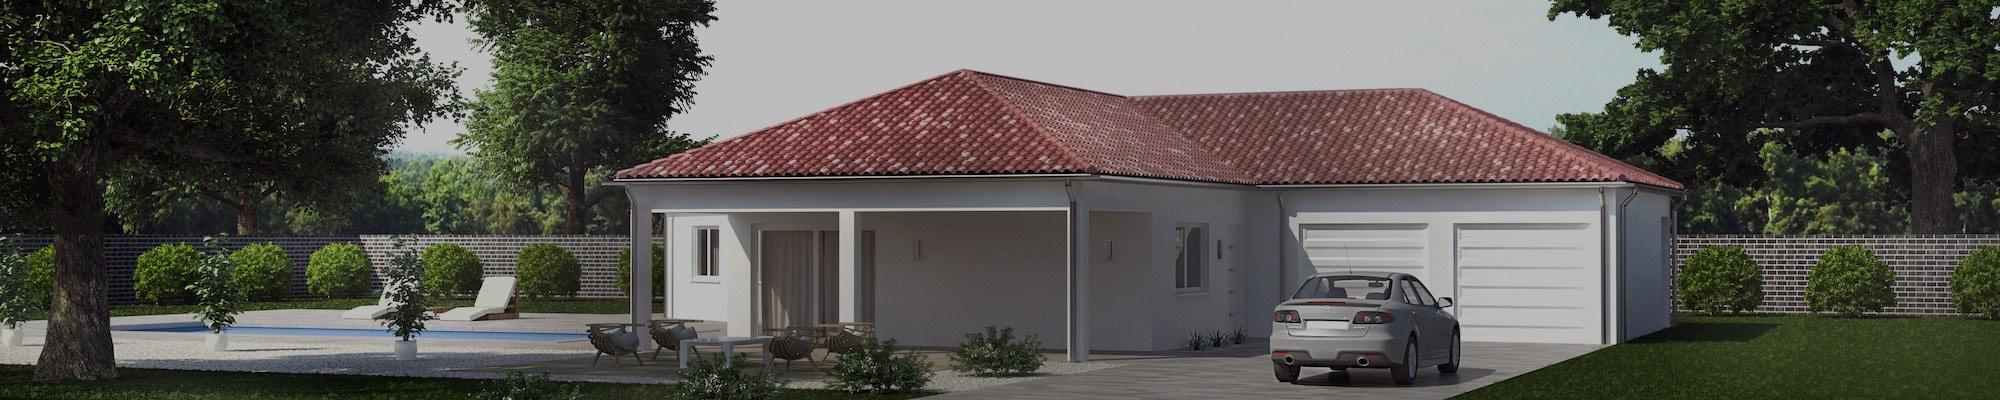 Maison moin cher good maison moin cher with maison moin for Construire une maison le moins cher possible